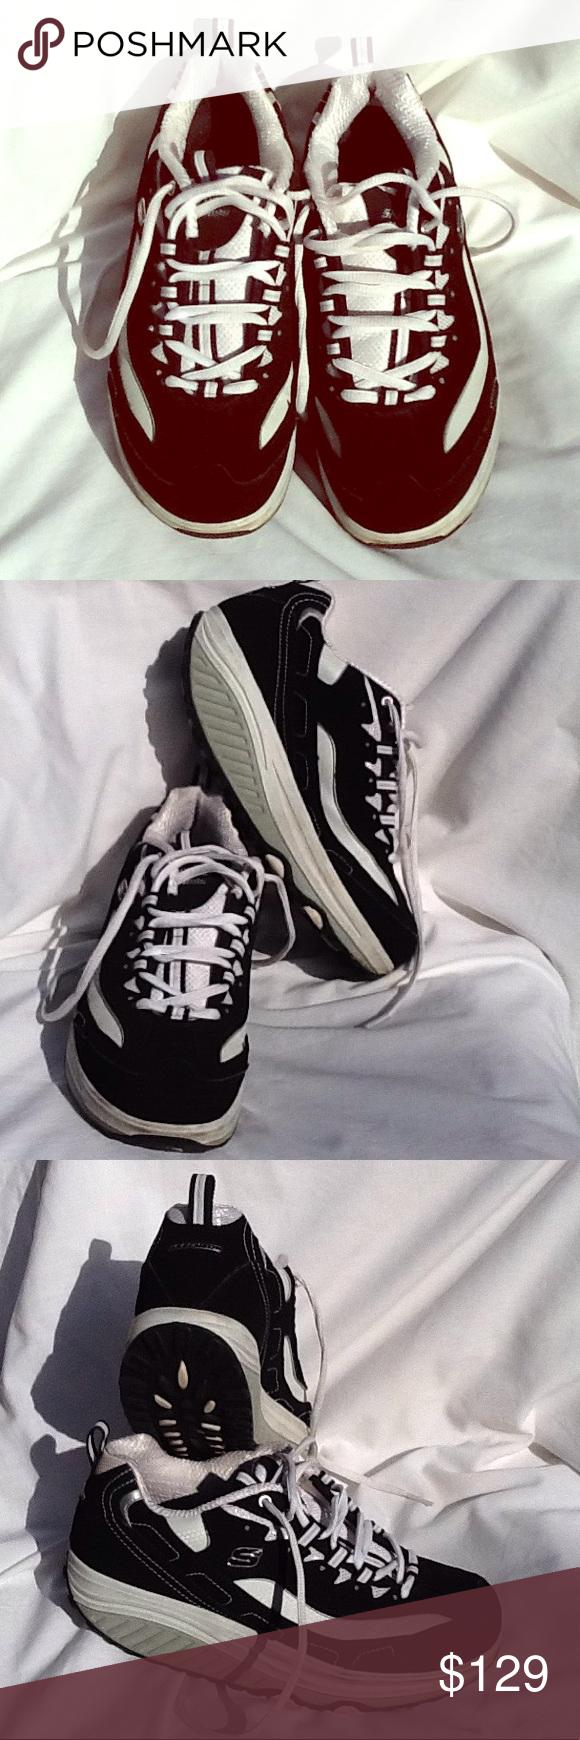 Sketchers size 8 Fitness shape up tennis shoes blk Excellent condition. Sketcher...,  #blacktennissh...